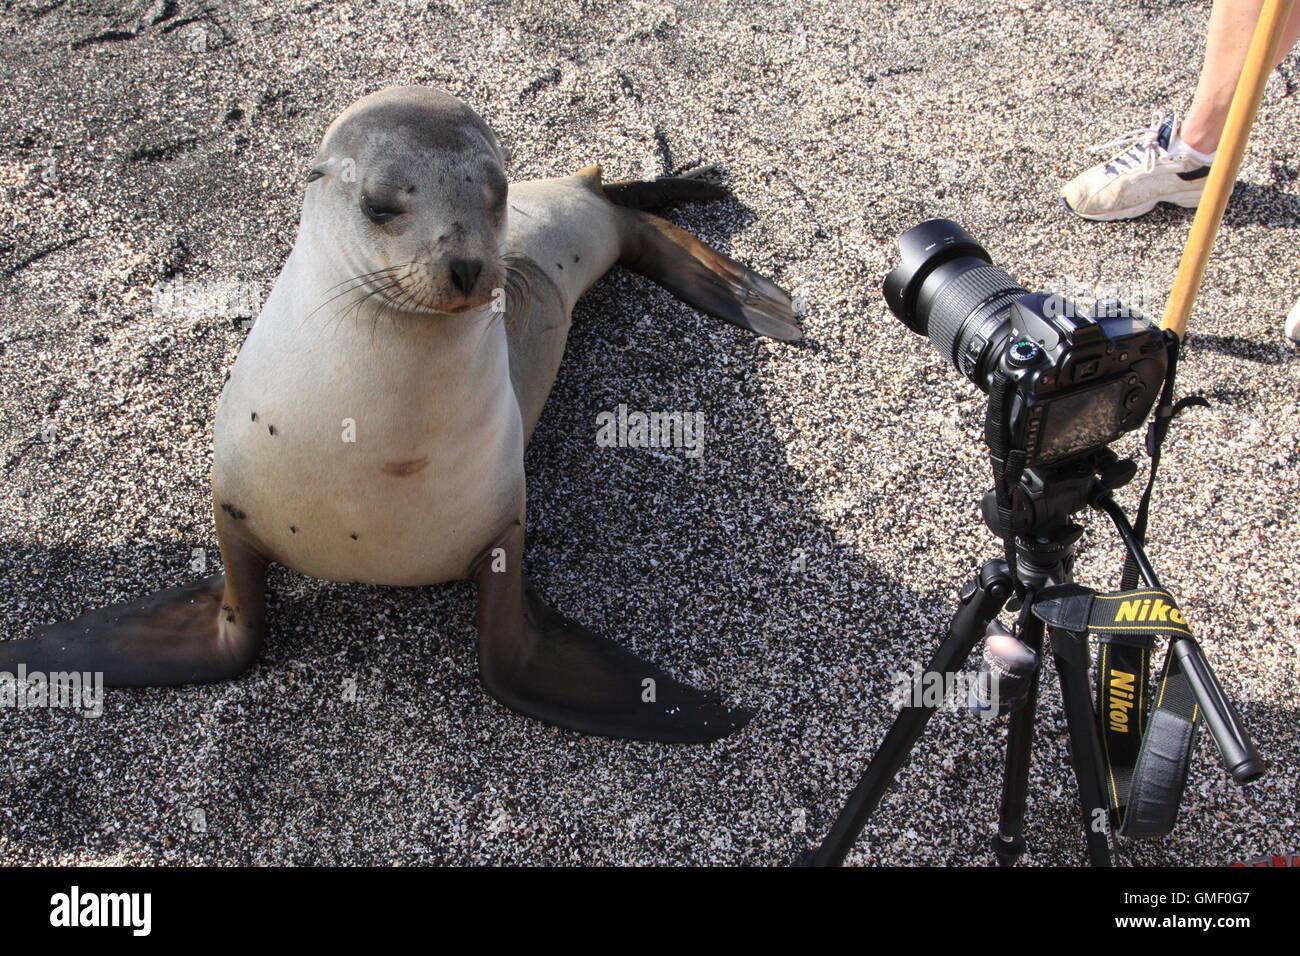 Les jeunes, des enquêtes sur un lion de mer curieux appareil photo Nikon, le trépied et les humains dans Photo Stock